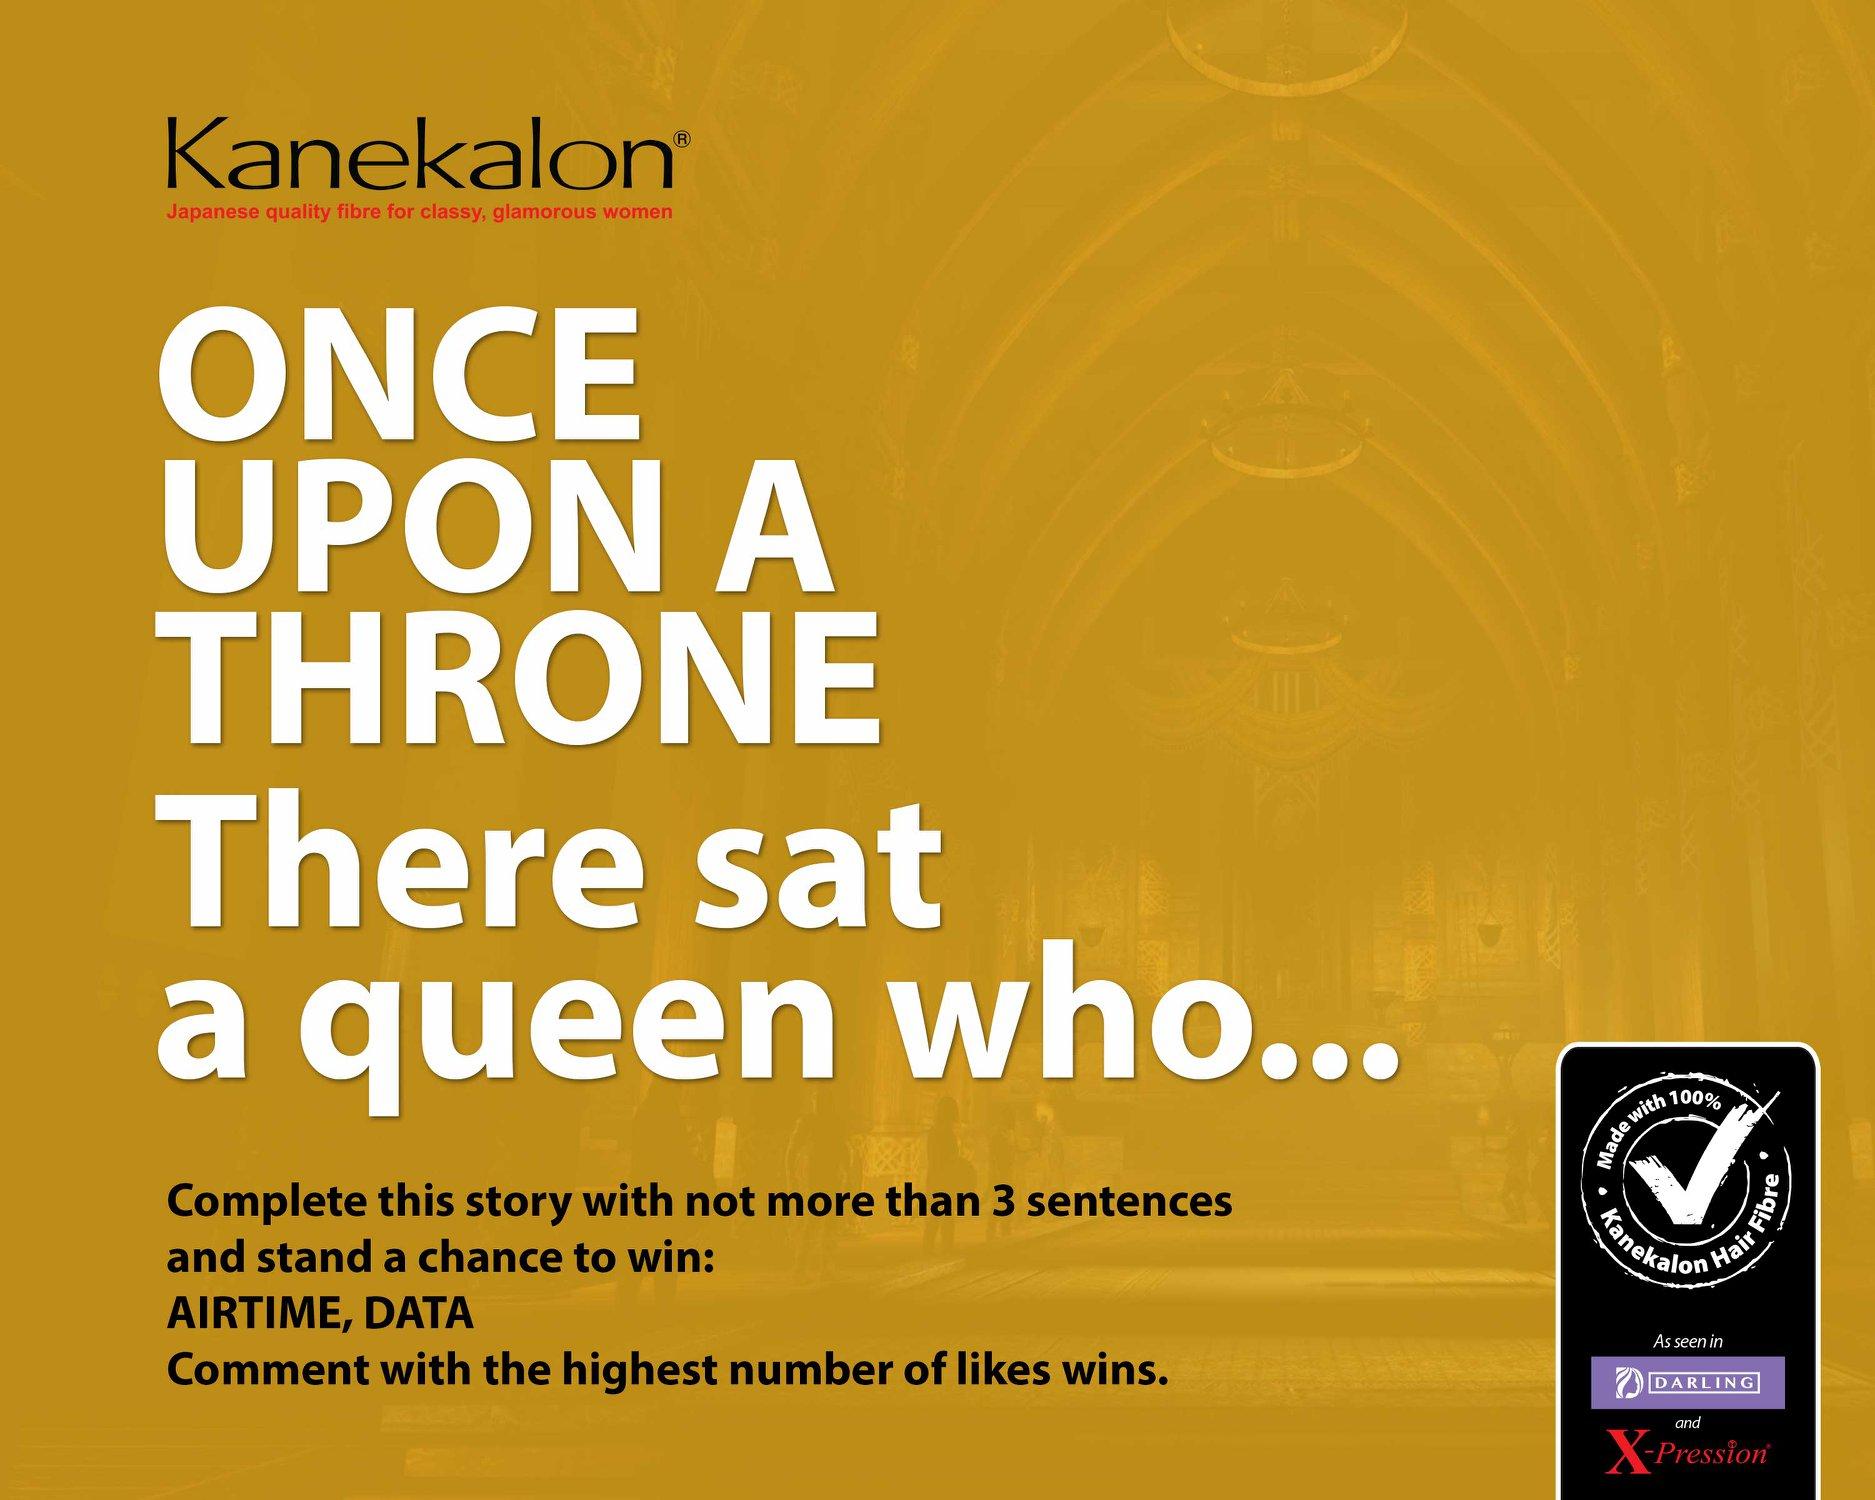 Kanekalon Airtime and Data Giveaway.